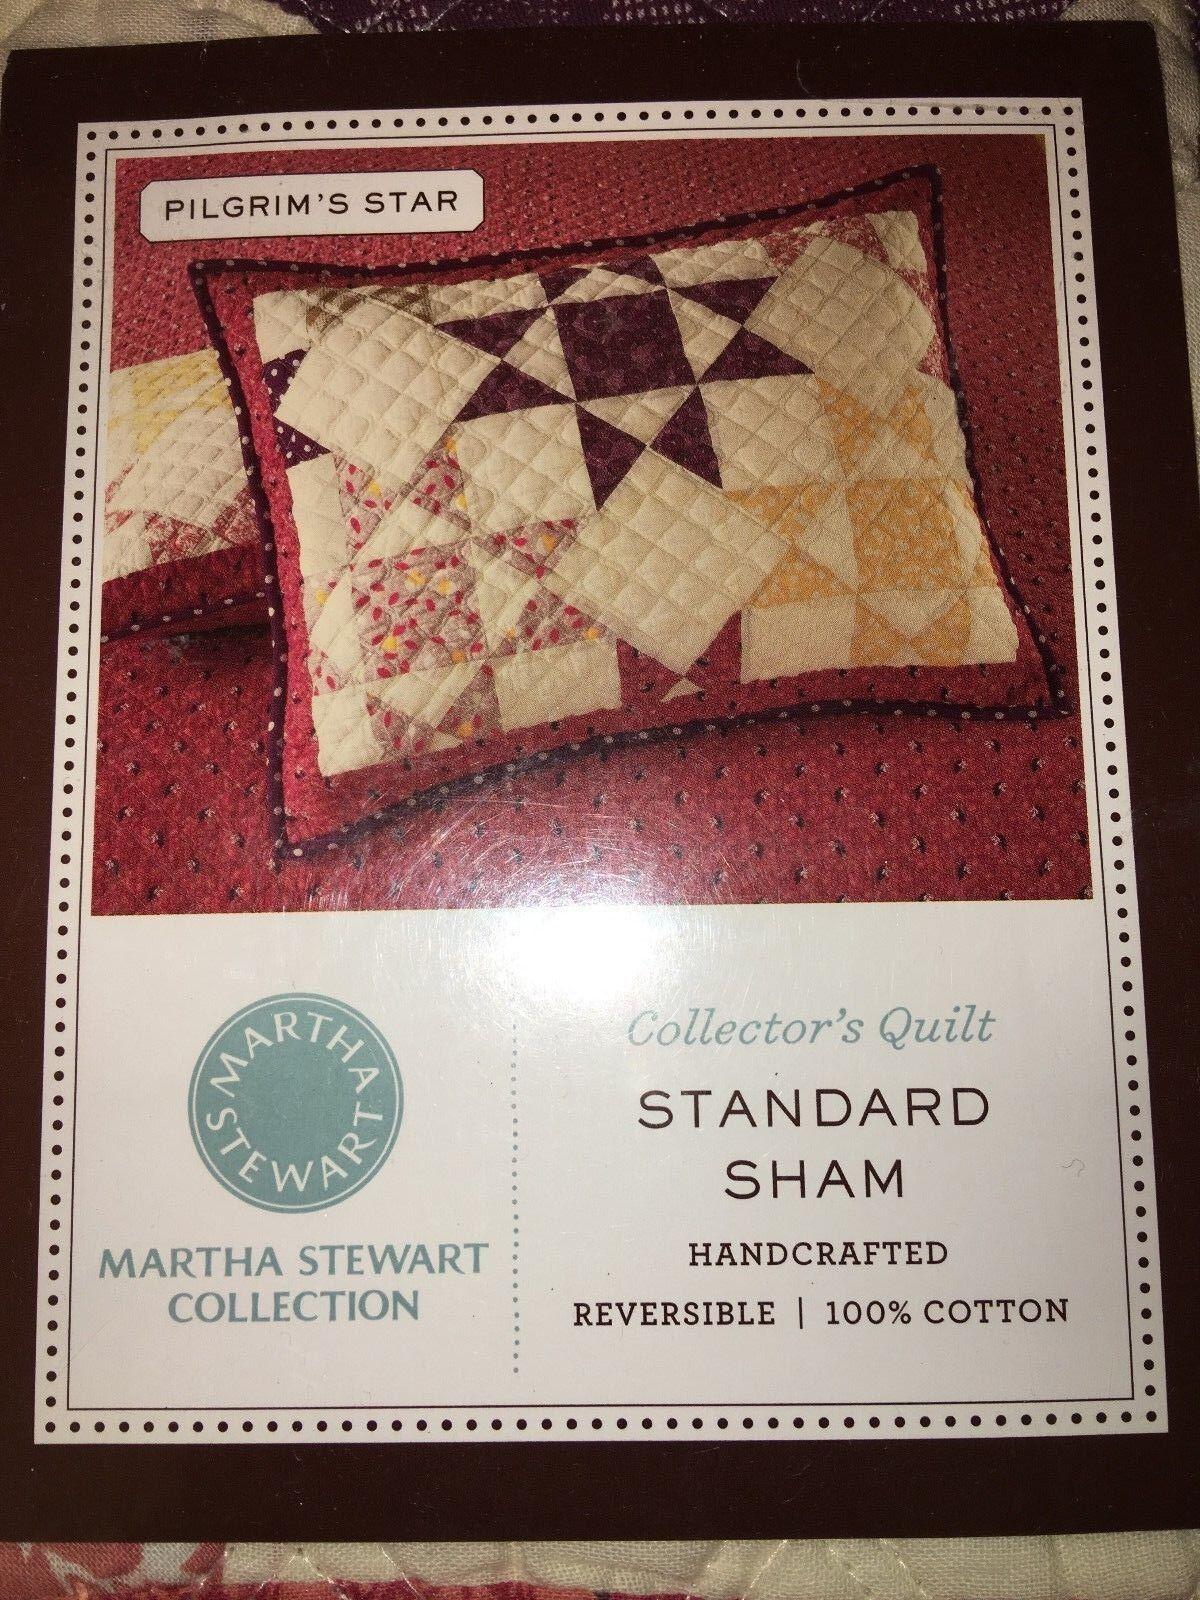 New Martha Stewart Pligrim S Star Quilted Standard Sham Collector S Pattern For Sale Online